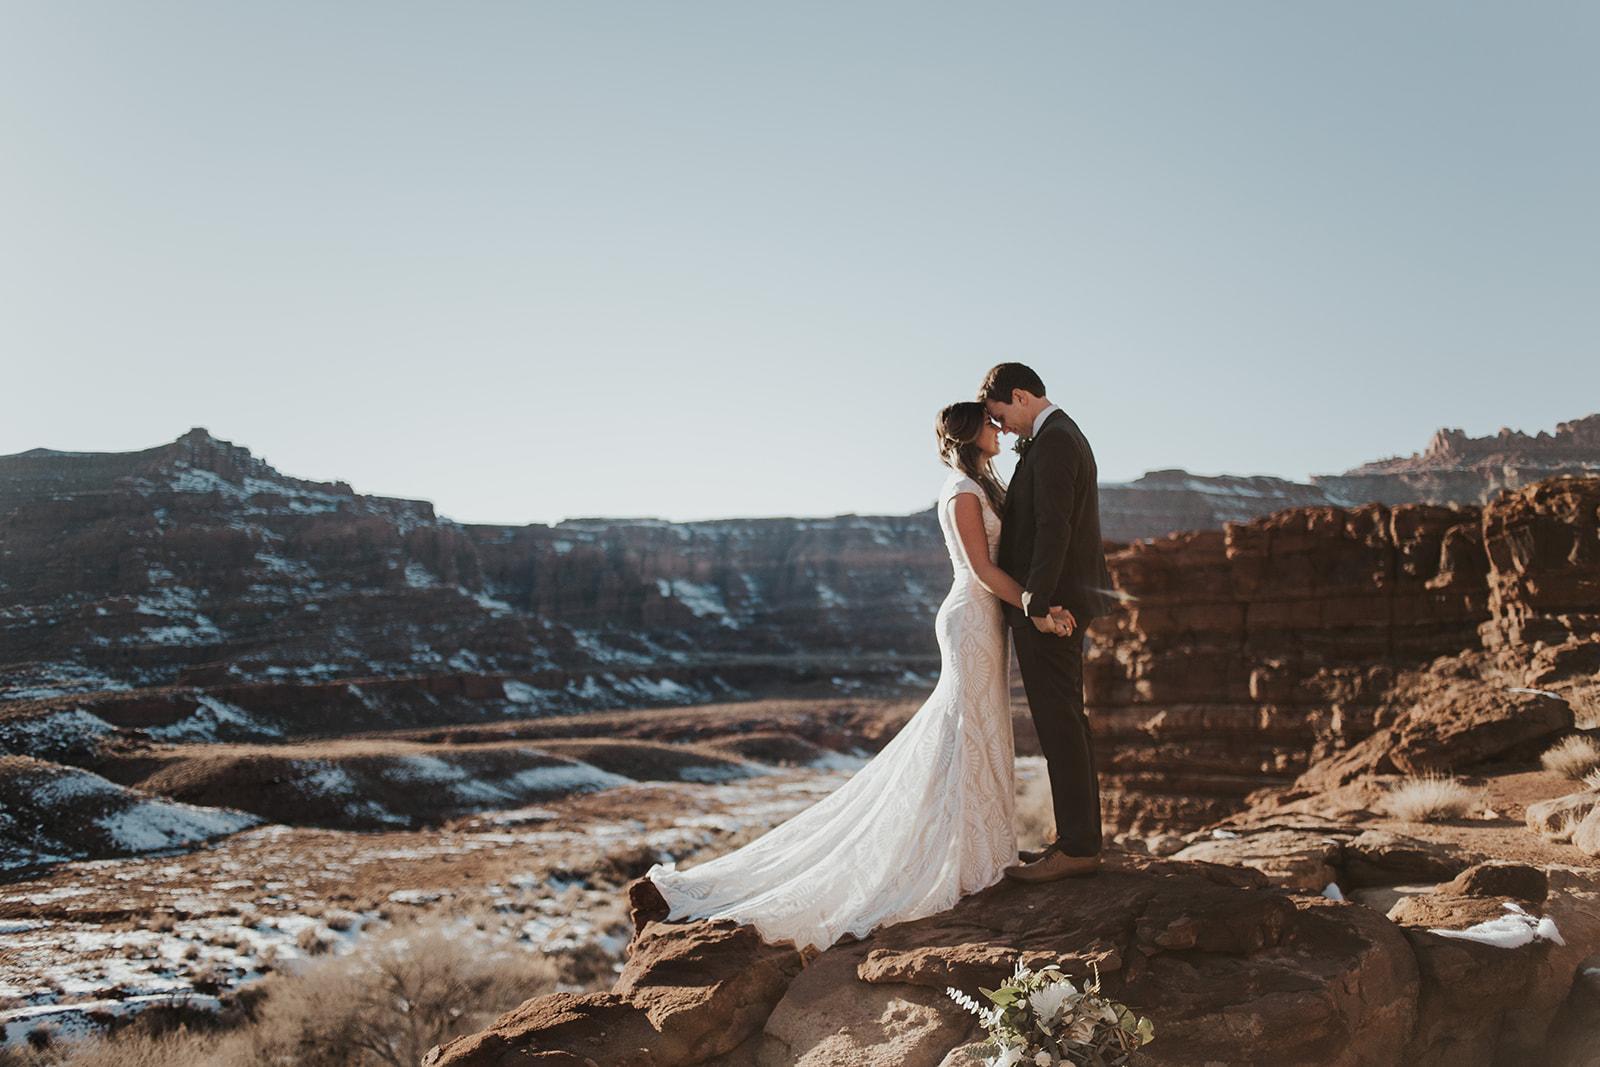 jamie+weston bridals-55.jpg